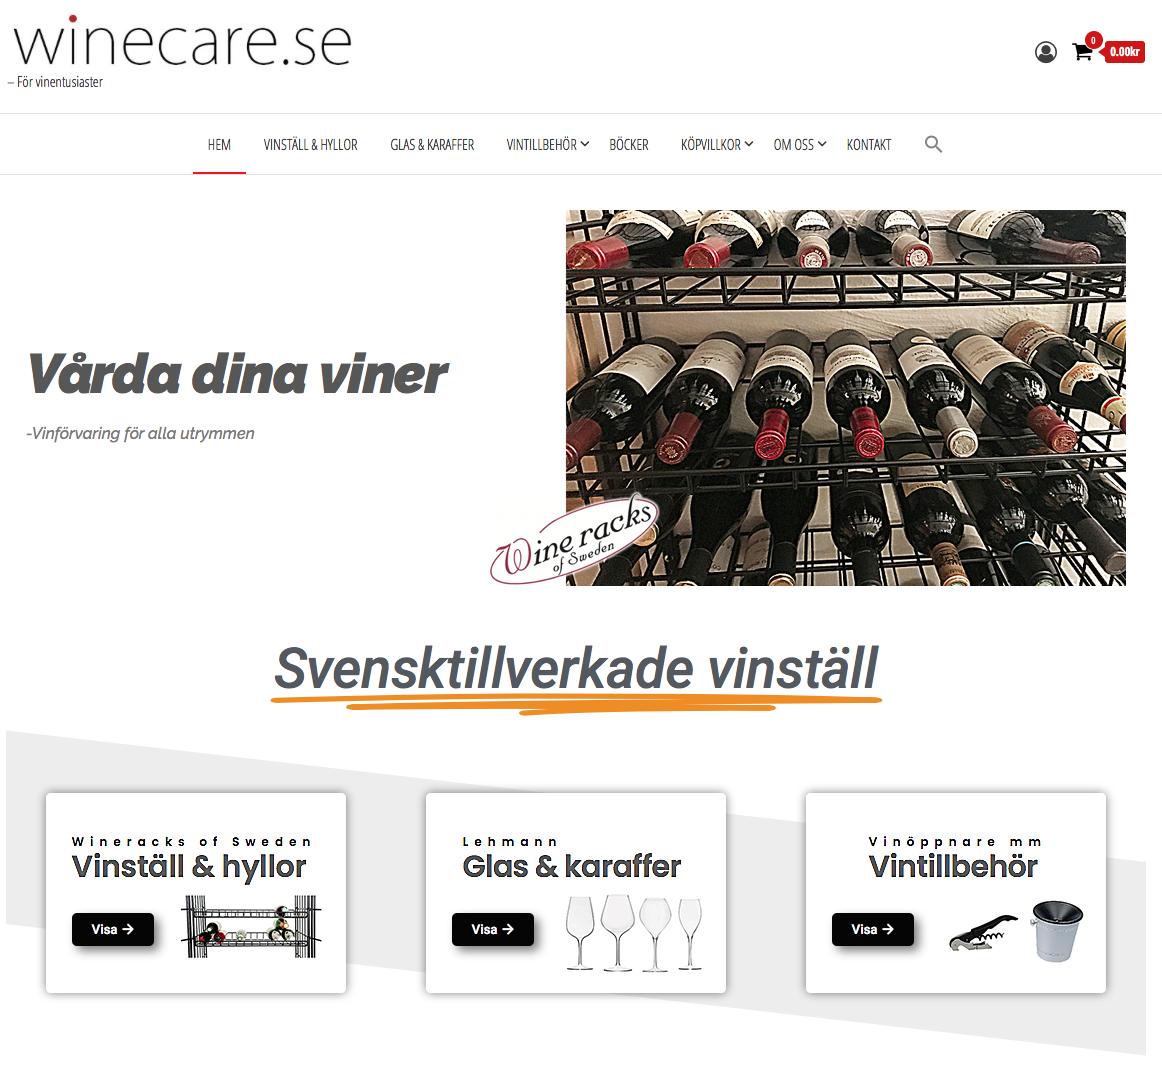 winecare.se -för vinentusiaster